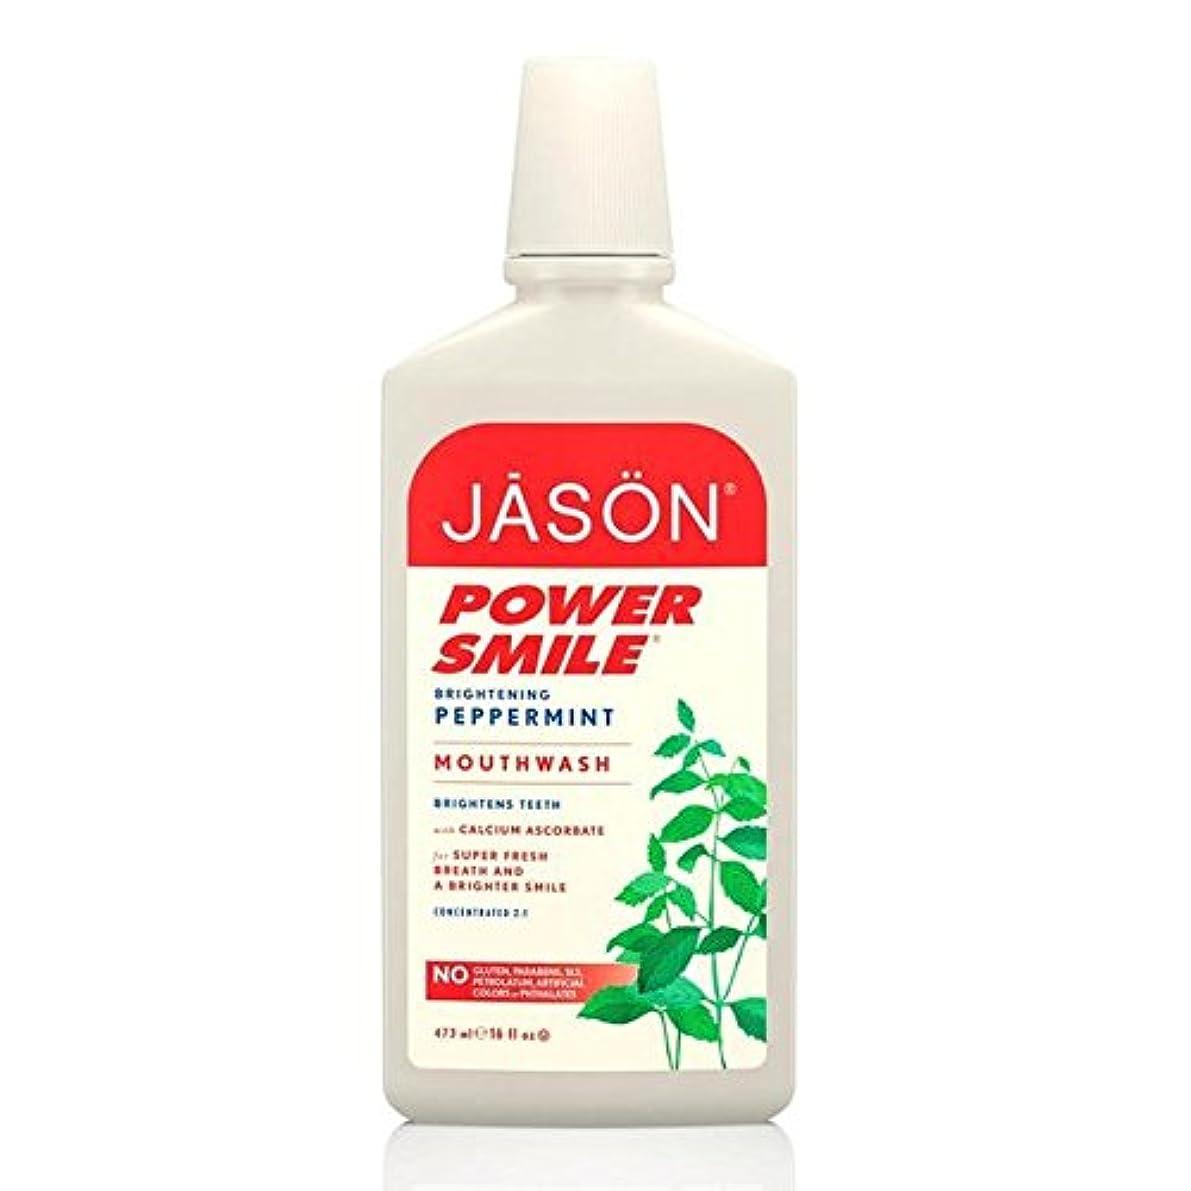 目覚める類推そうでなければジェイソンマウスウォッシュ480ミリリットル x2 - Jason Powersmile Mouthwash 480ml (Pack of 2) [並行輸入品]